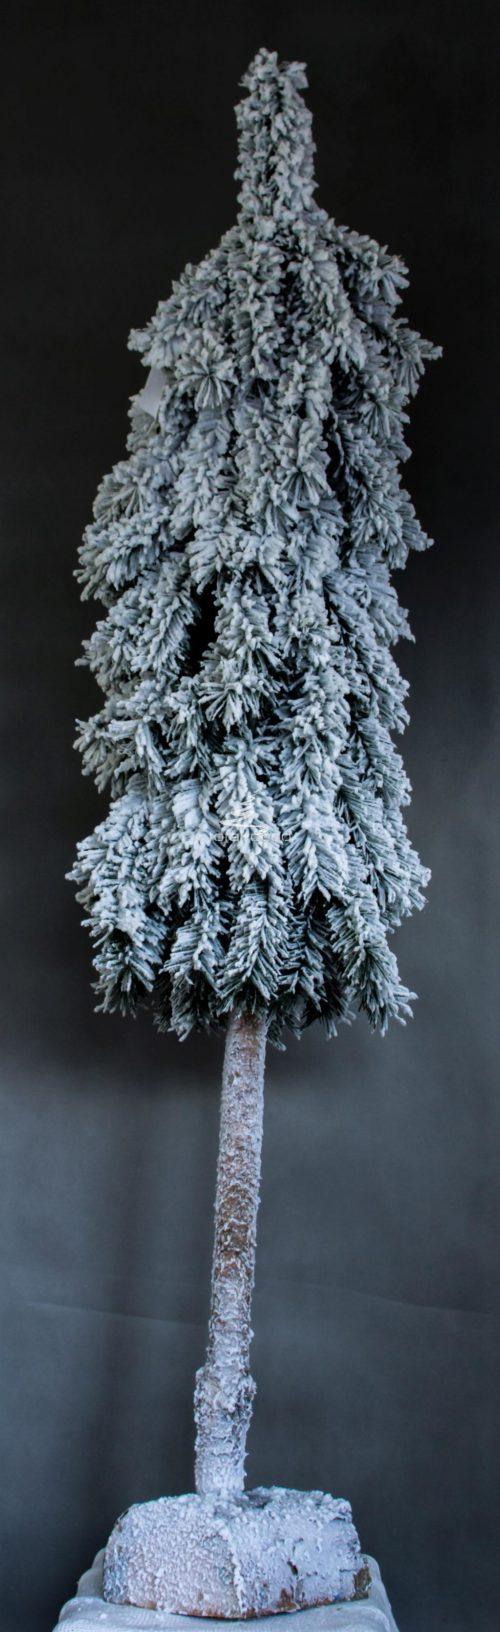 świerk górski sztuczna choinka na pniu ośnieżona oprószona śniegiem nowoczesna duża biała